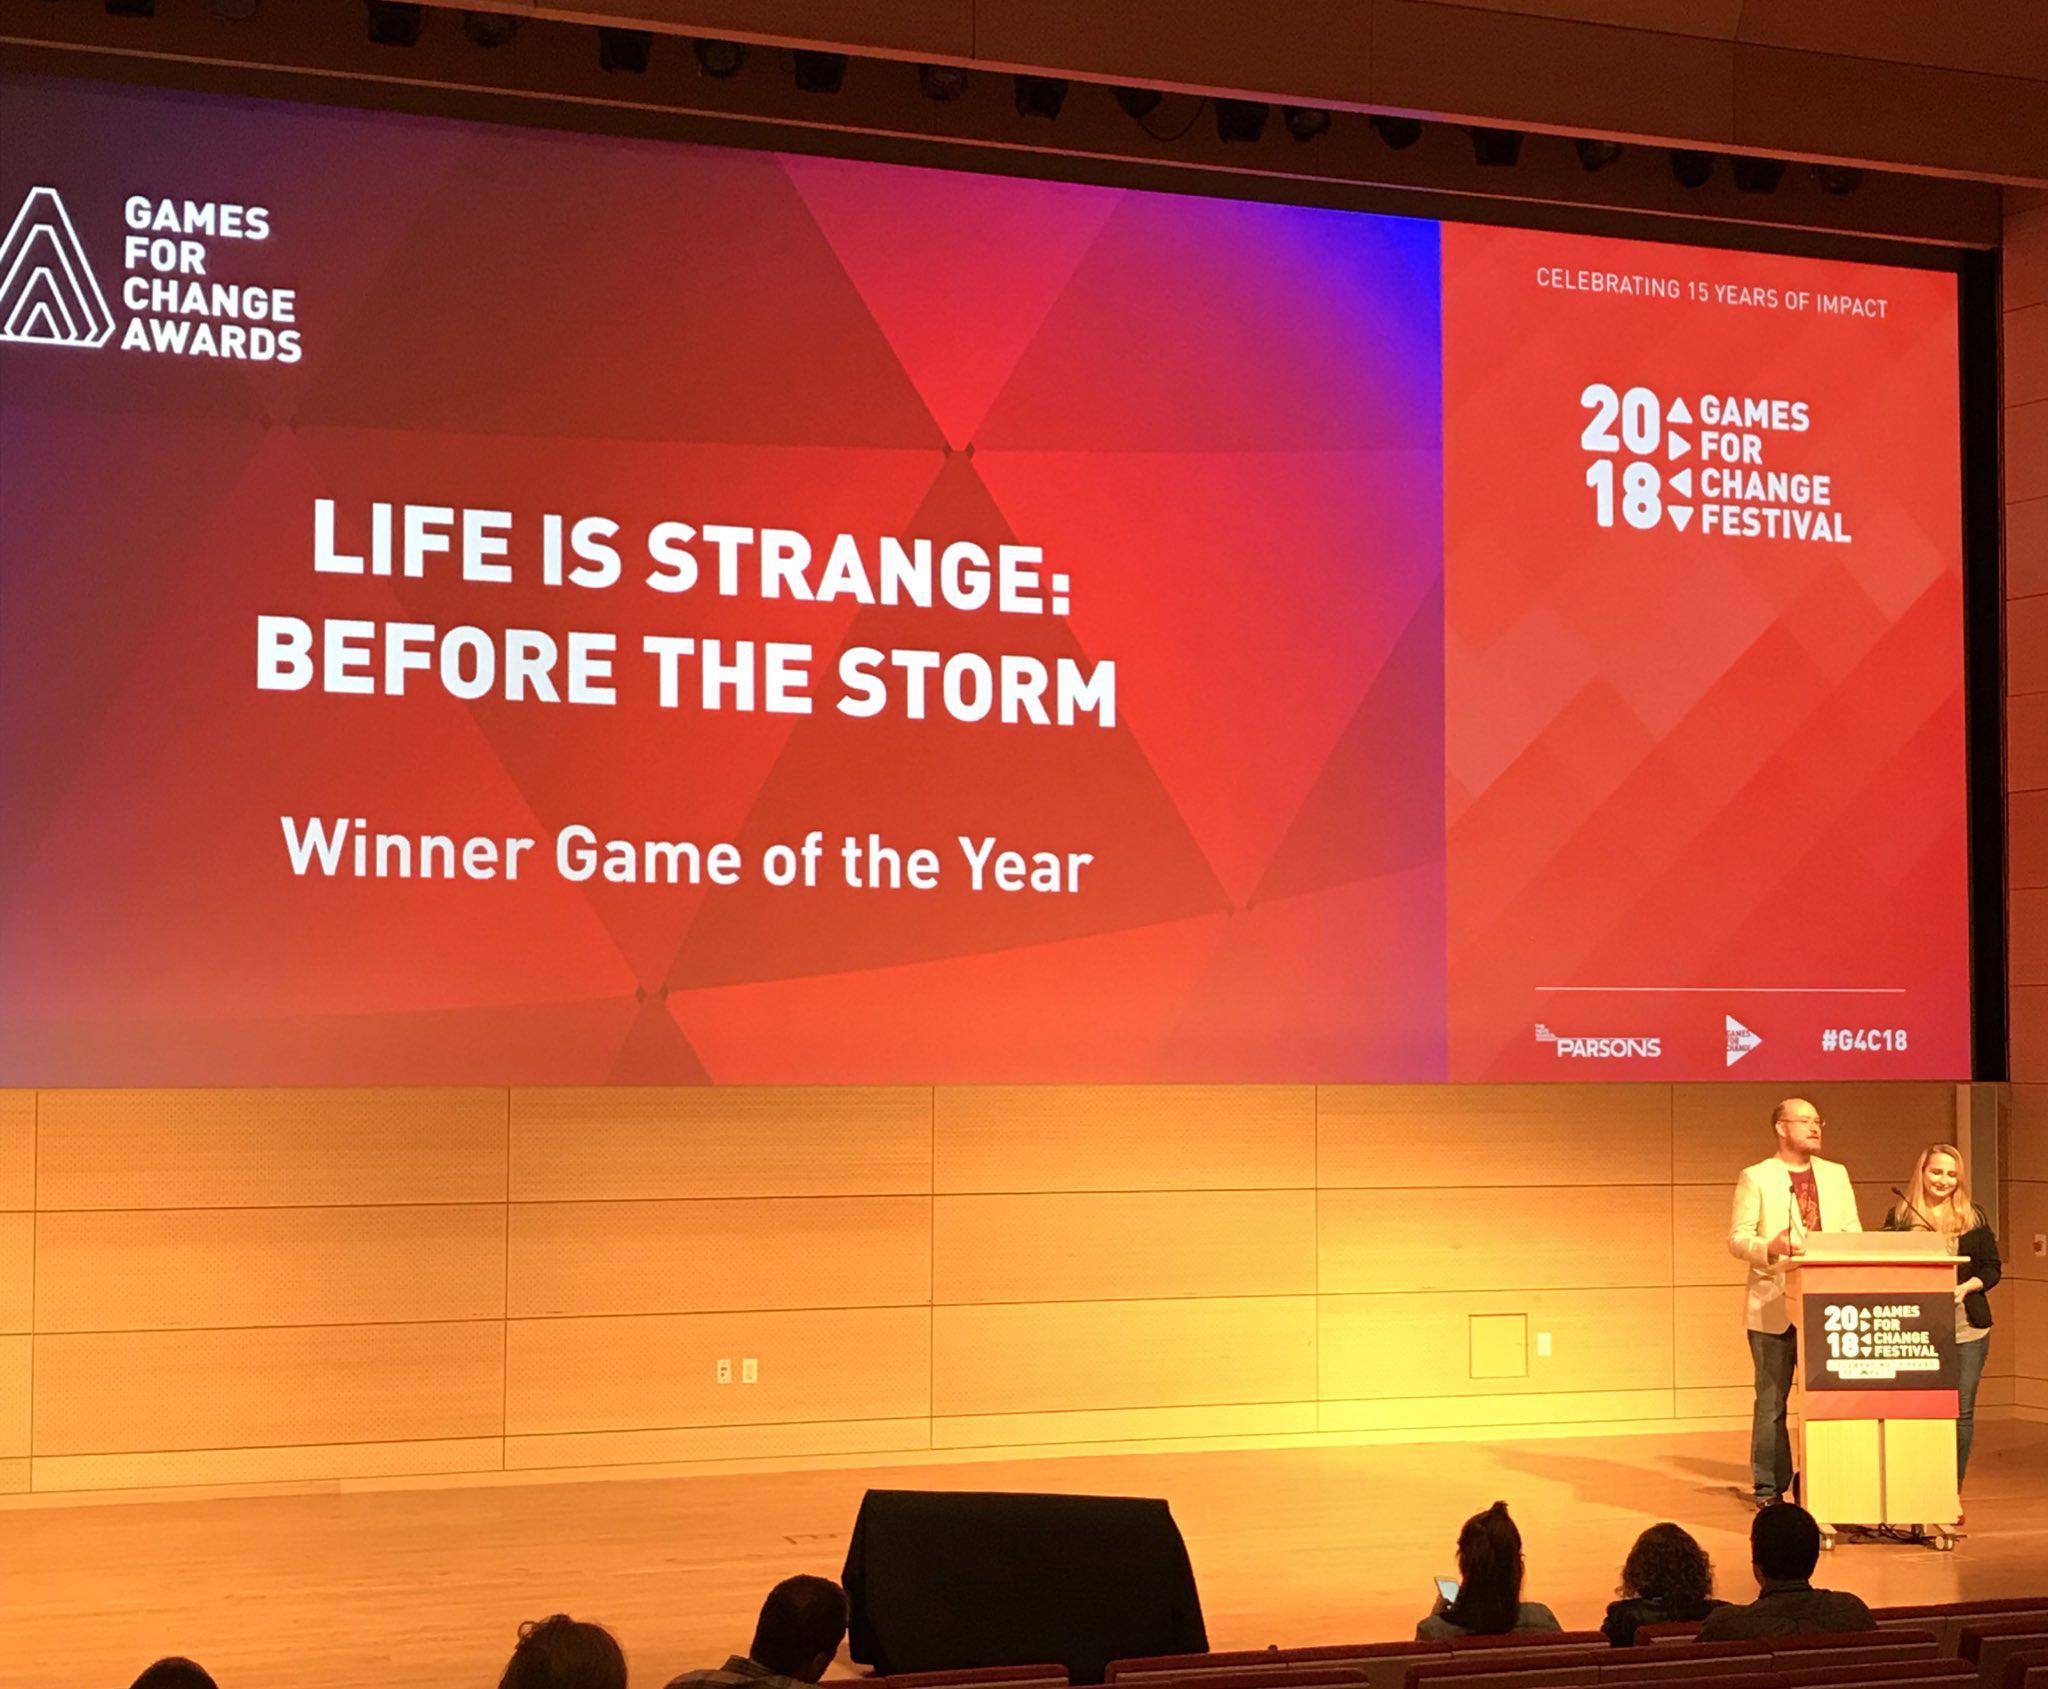 BtS удостоилась звания «Игры года» на фестивале Games for Change Awards